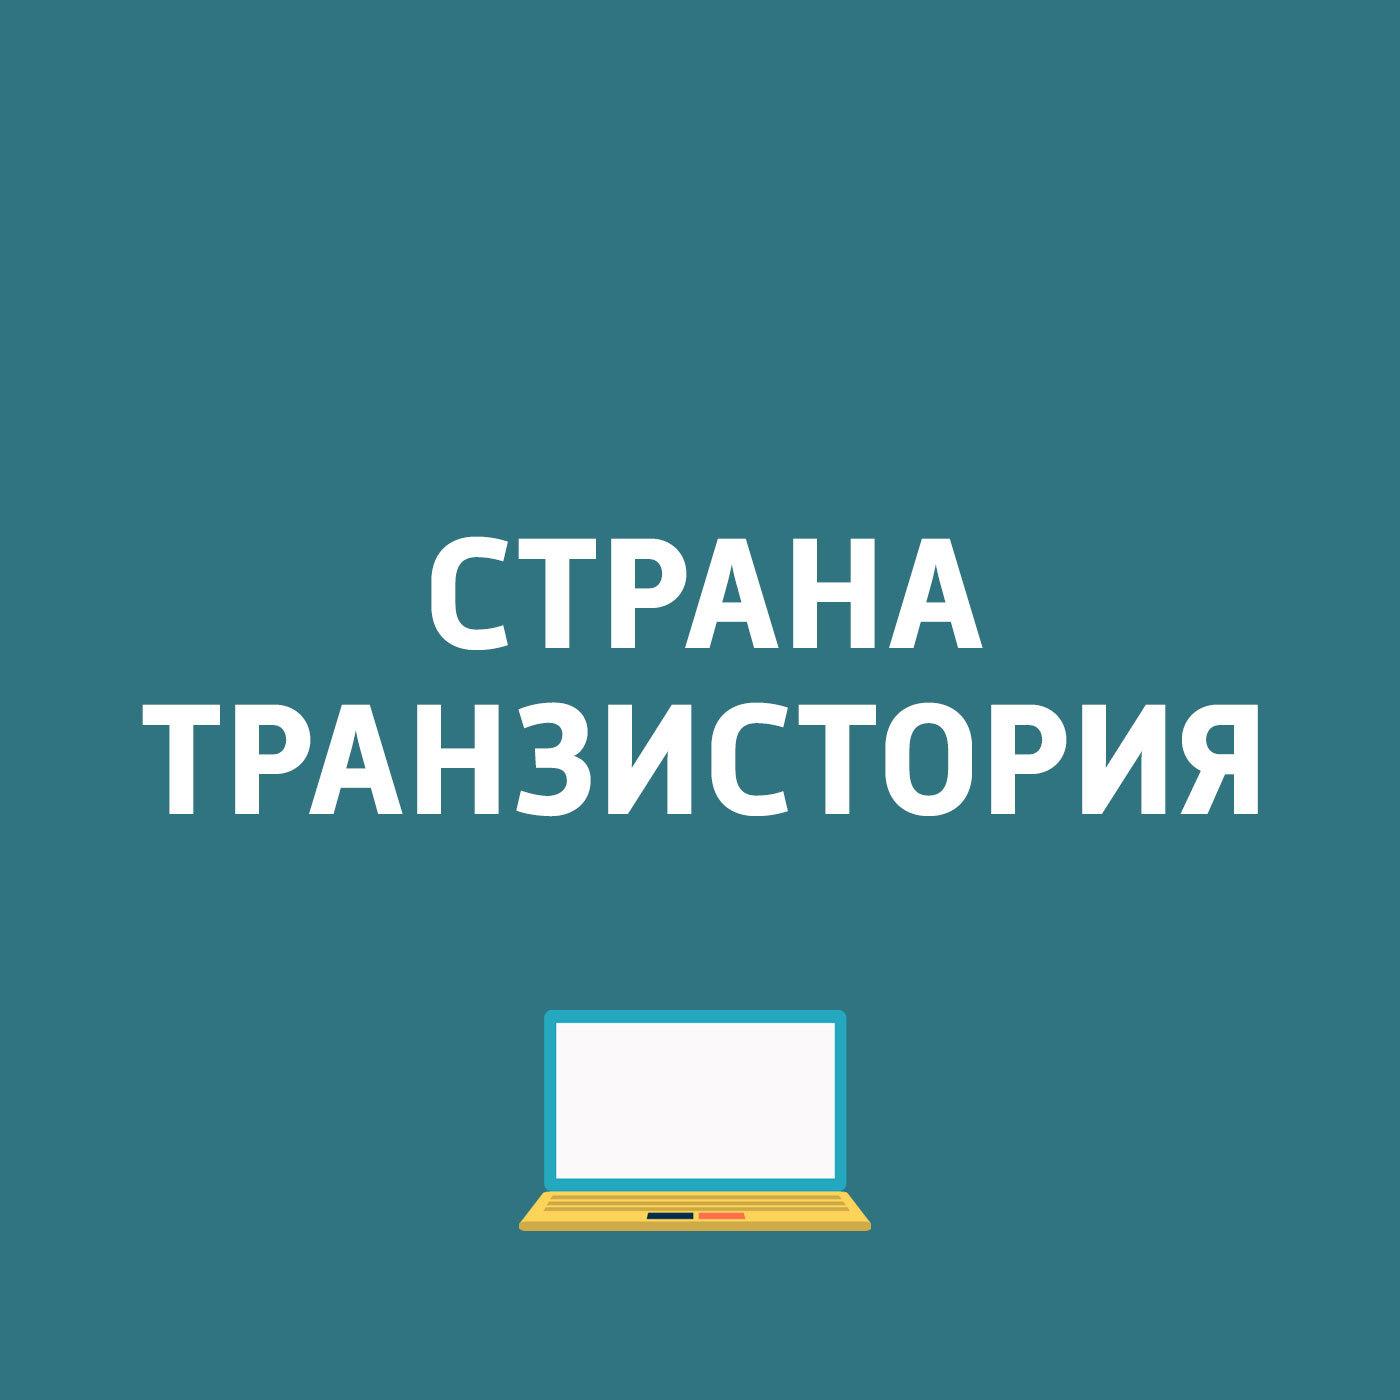 Картаев Павел Prisma запустила собственный магазин фильтров... картаев павел asus zenbo запускают в продажу с нового года фоторедактор prisma назван лучшим мобильным приложением года